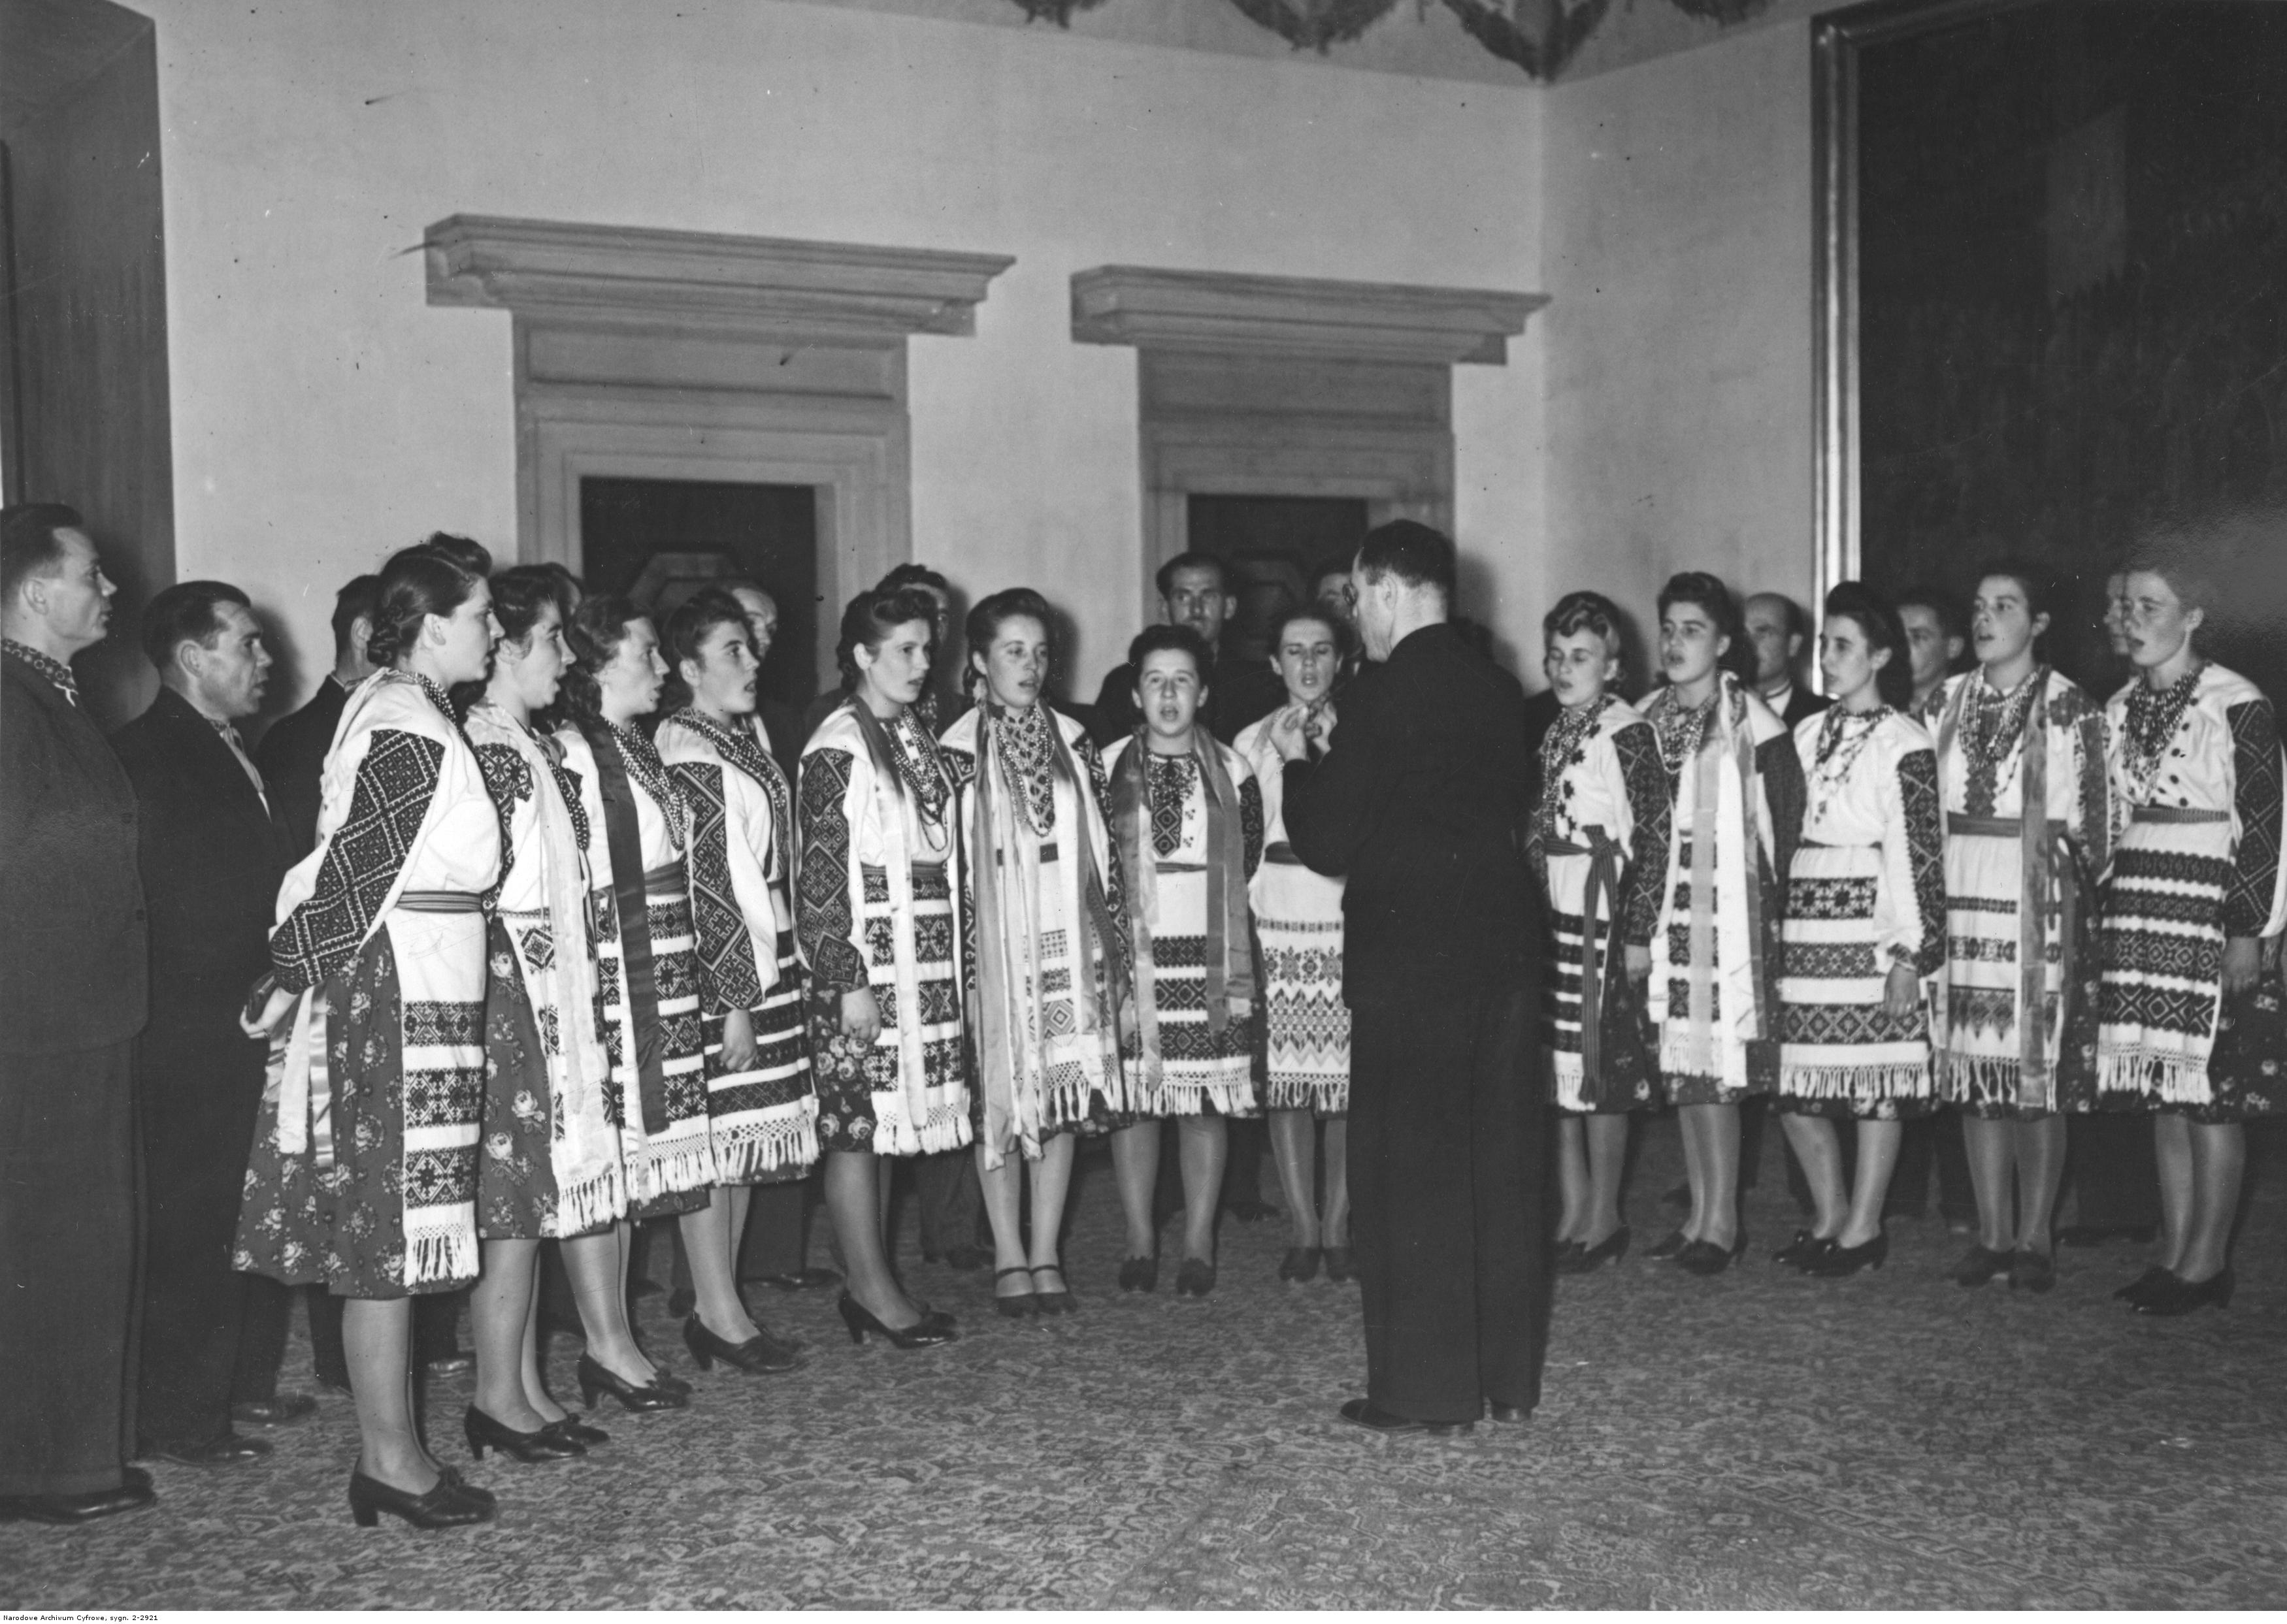 1943. Фестиваль урожая в Королевском замке в Кракове. Украинская команда поет для генерал-губернатора в Кракове